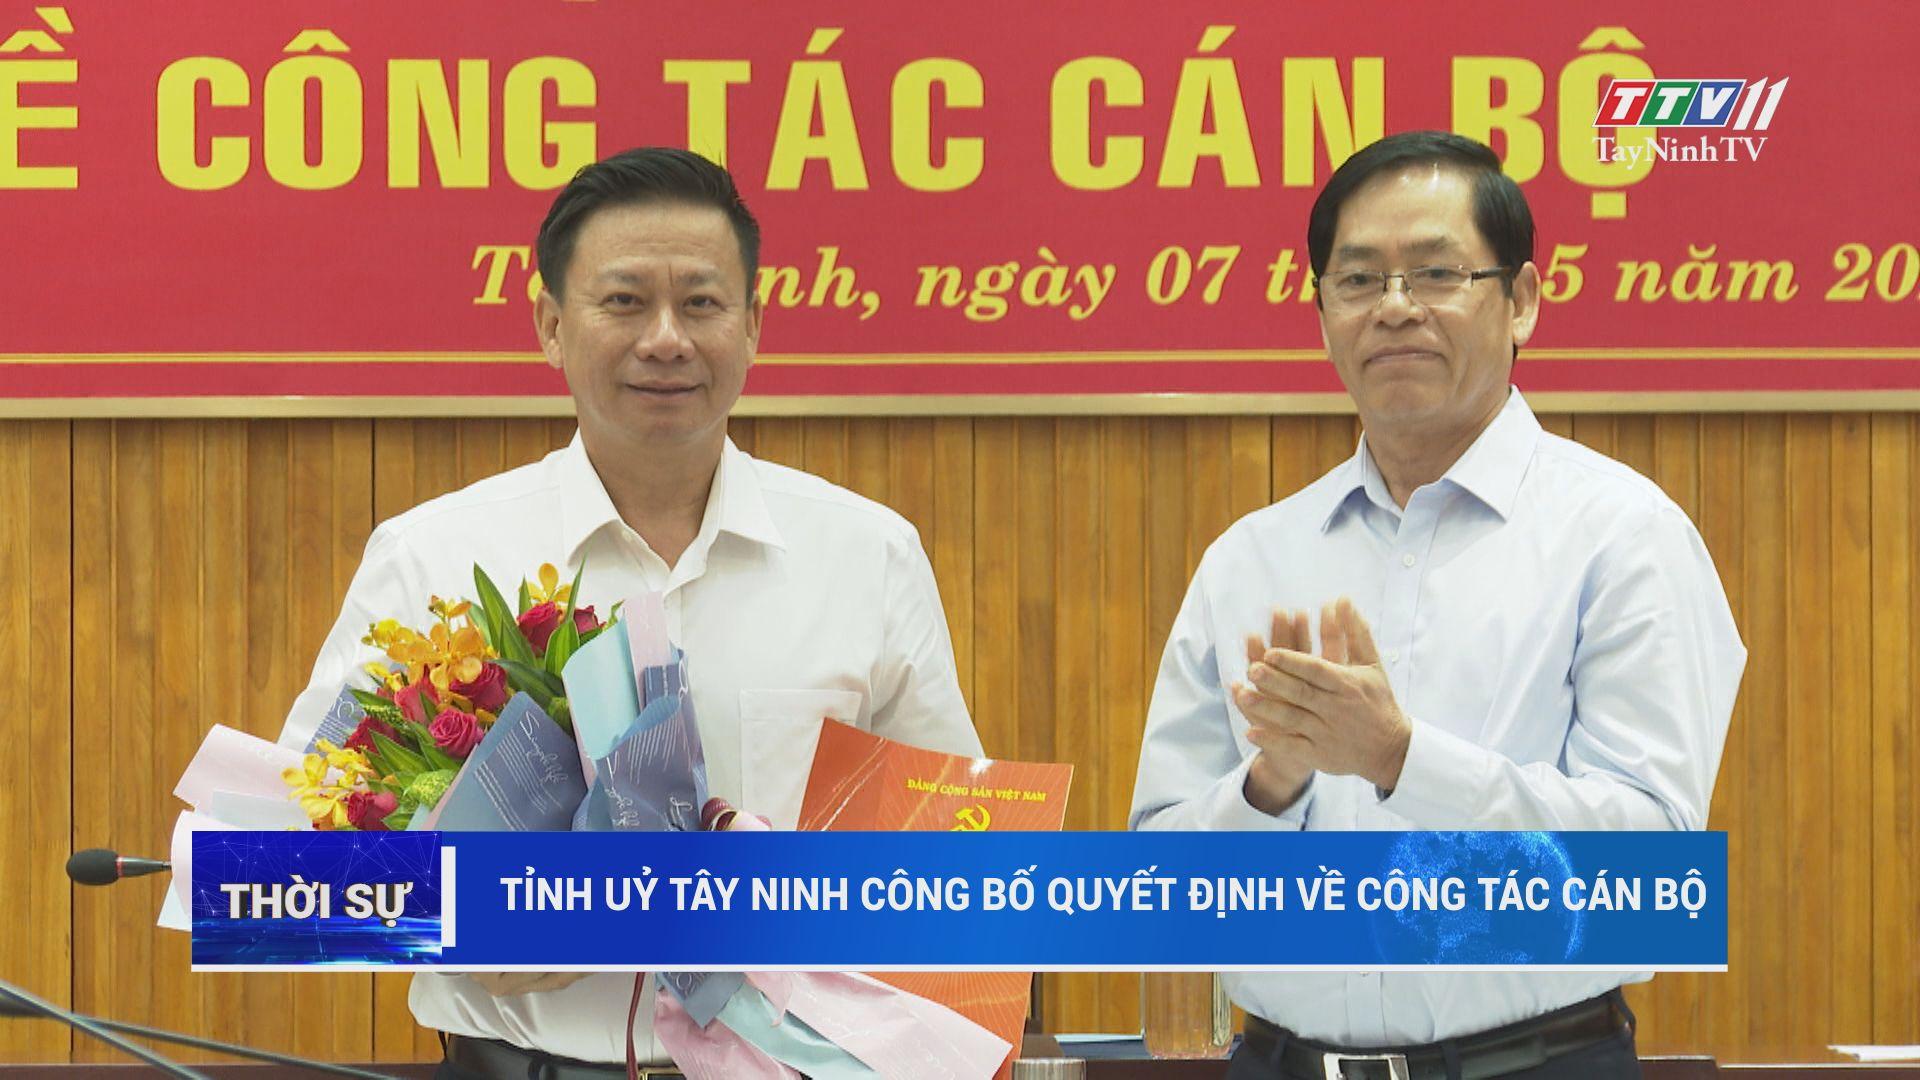 Tỉnh uỷ Tây Ninh công bố quyết định về công tác cán bộ | THỜI SỰ | TayNinhTV